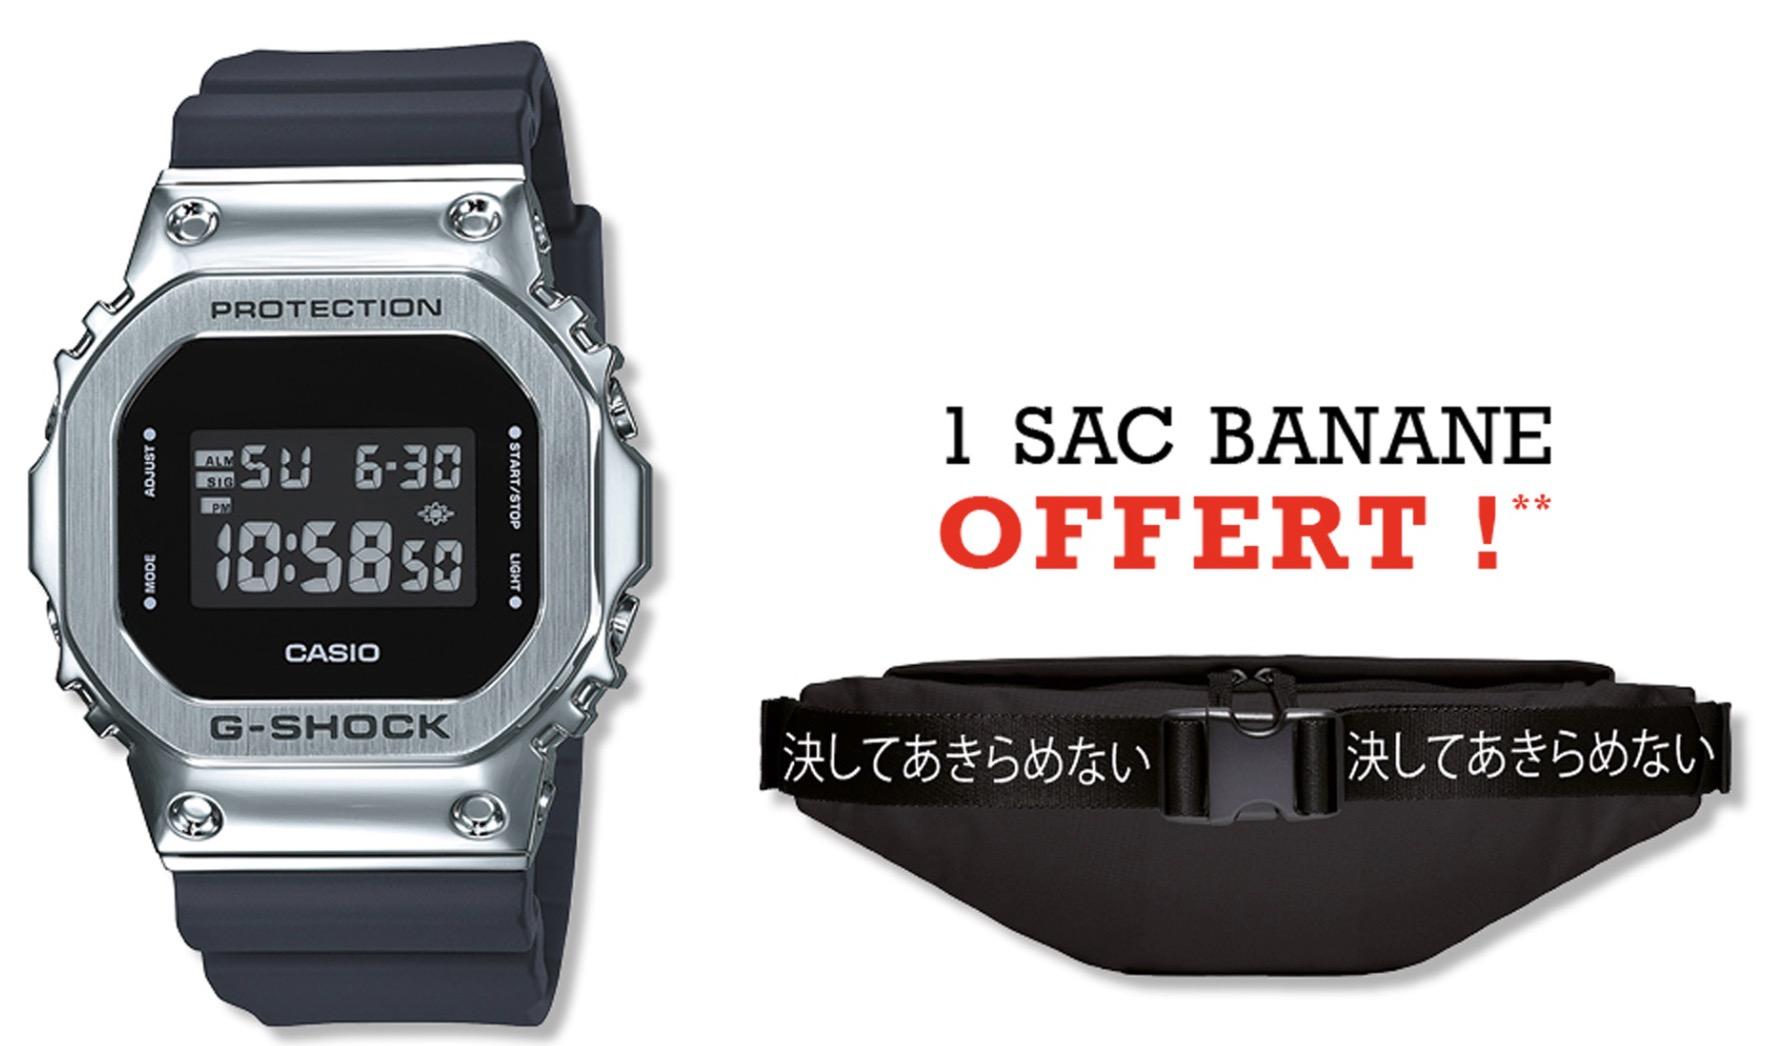 Code promo Montres & Co : 1 sac Banane offert pour l'achat d'une montre G-Shock